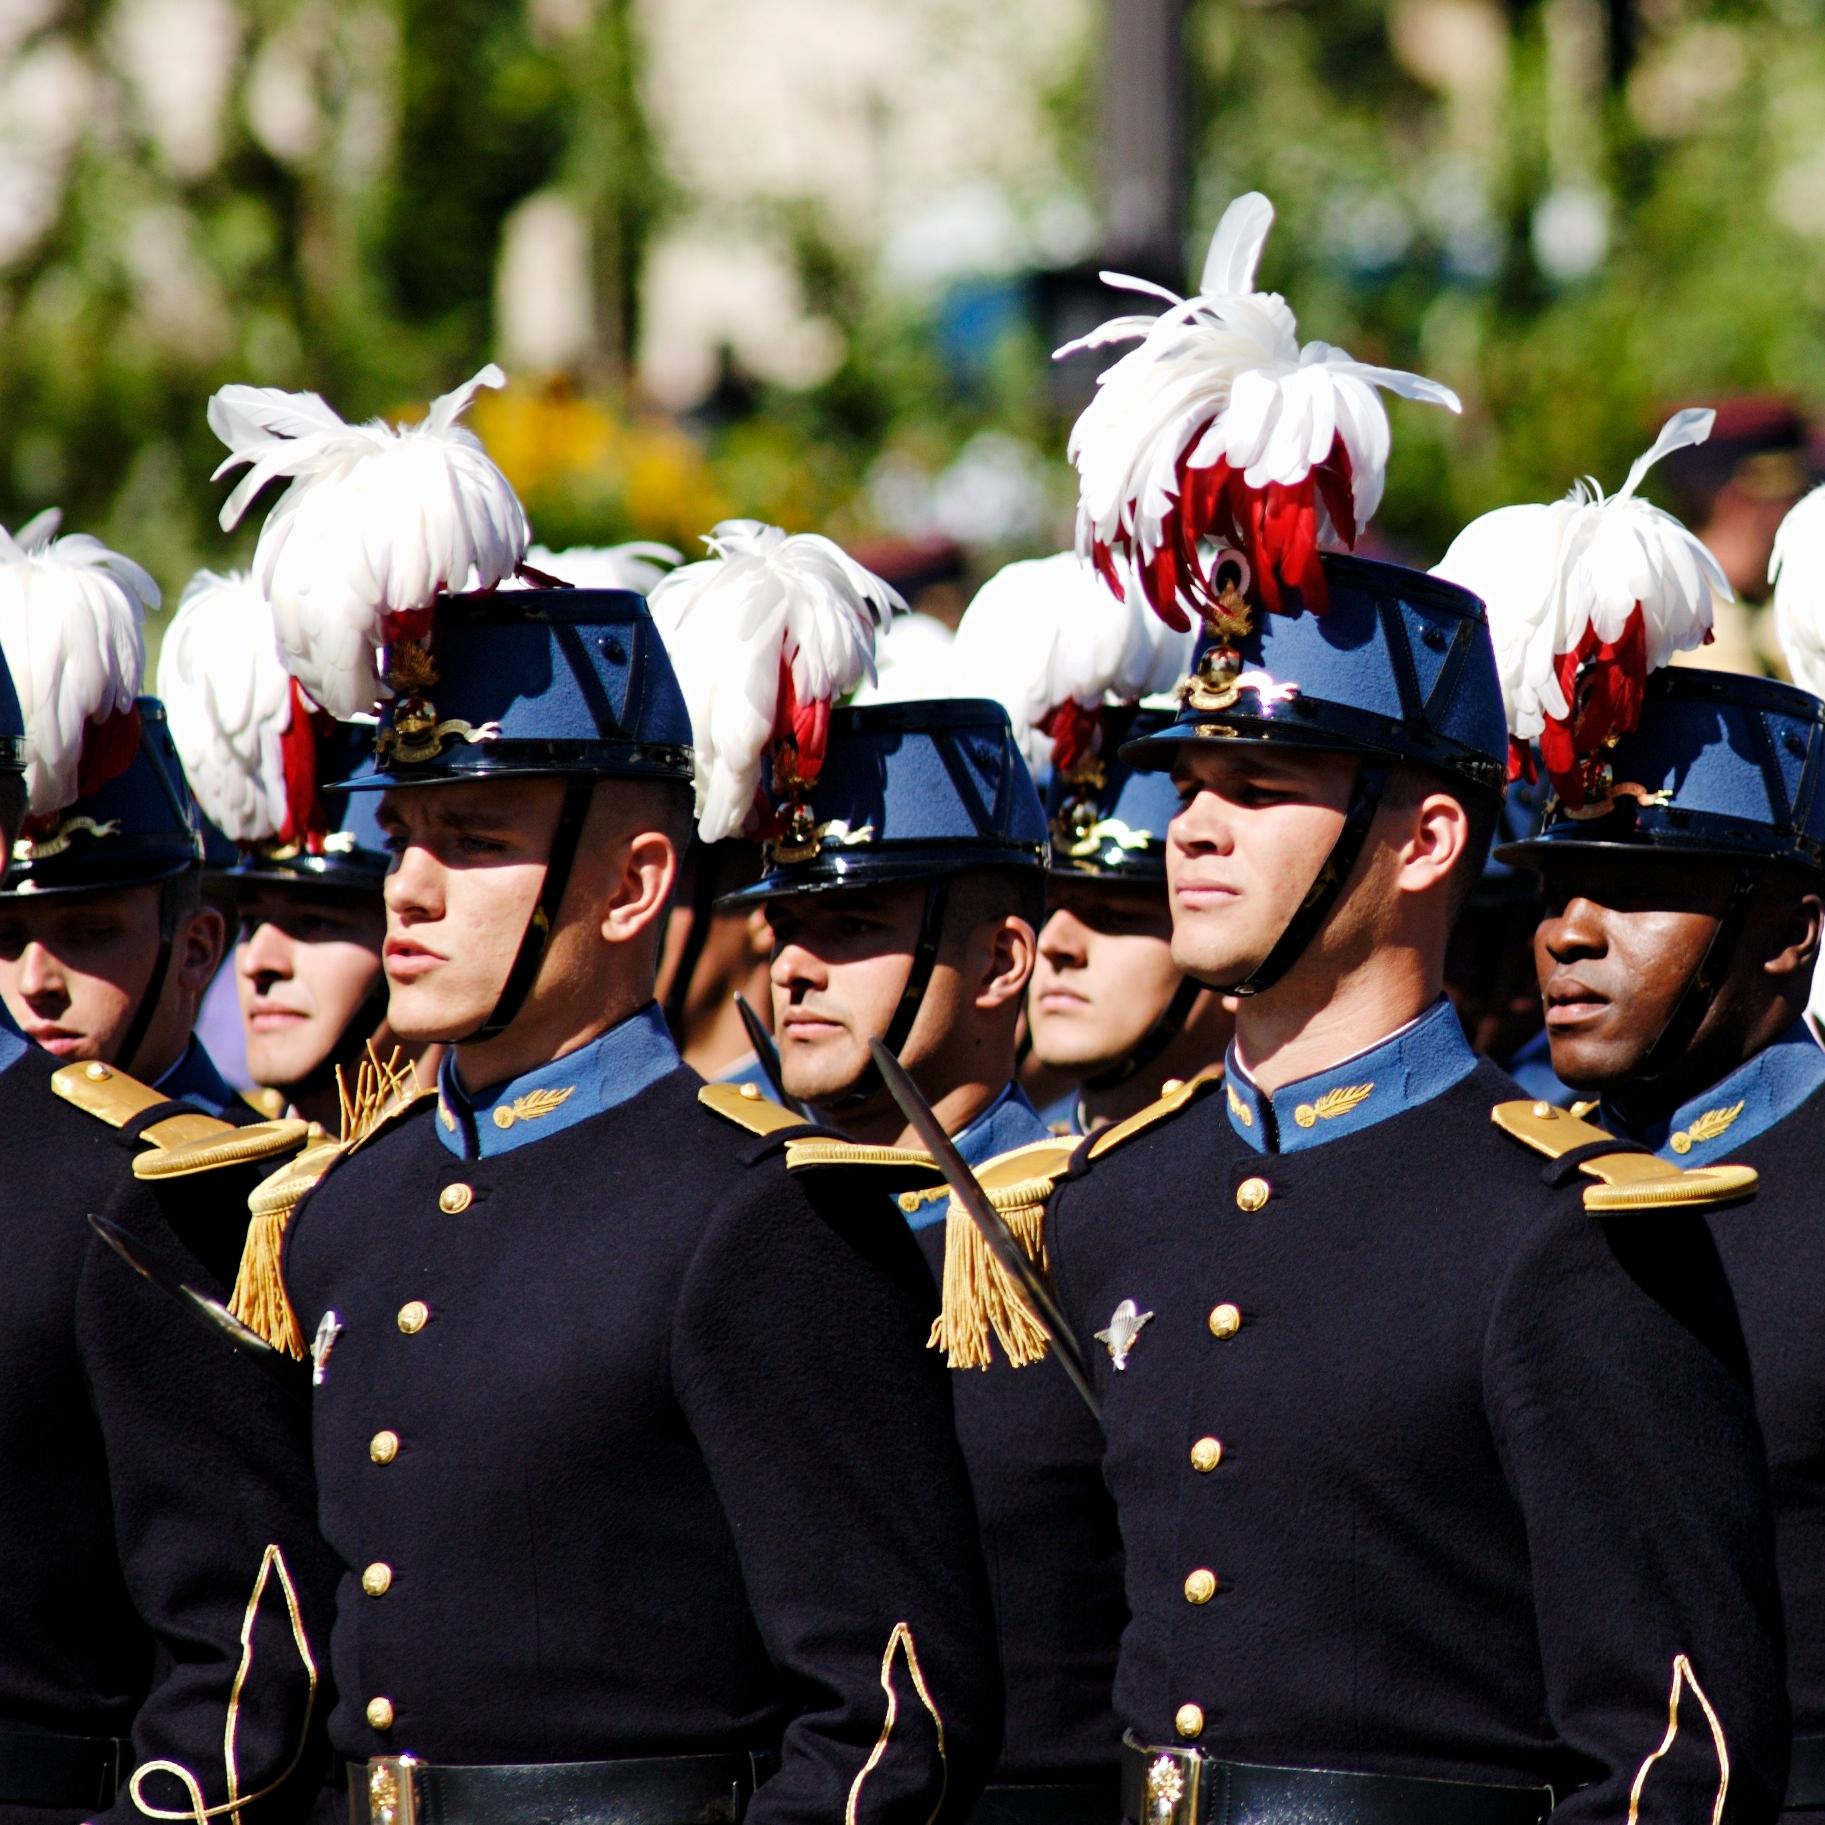 サン・シール陸軍士官学校 - Wikipedia